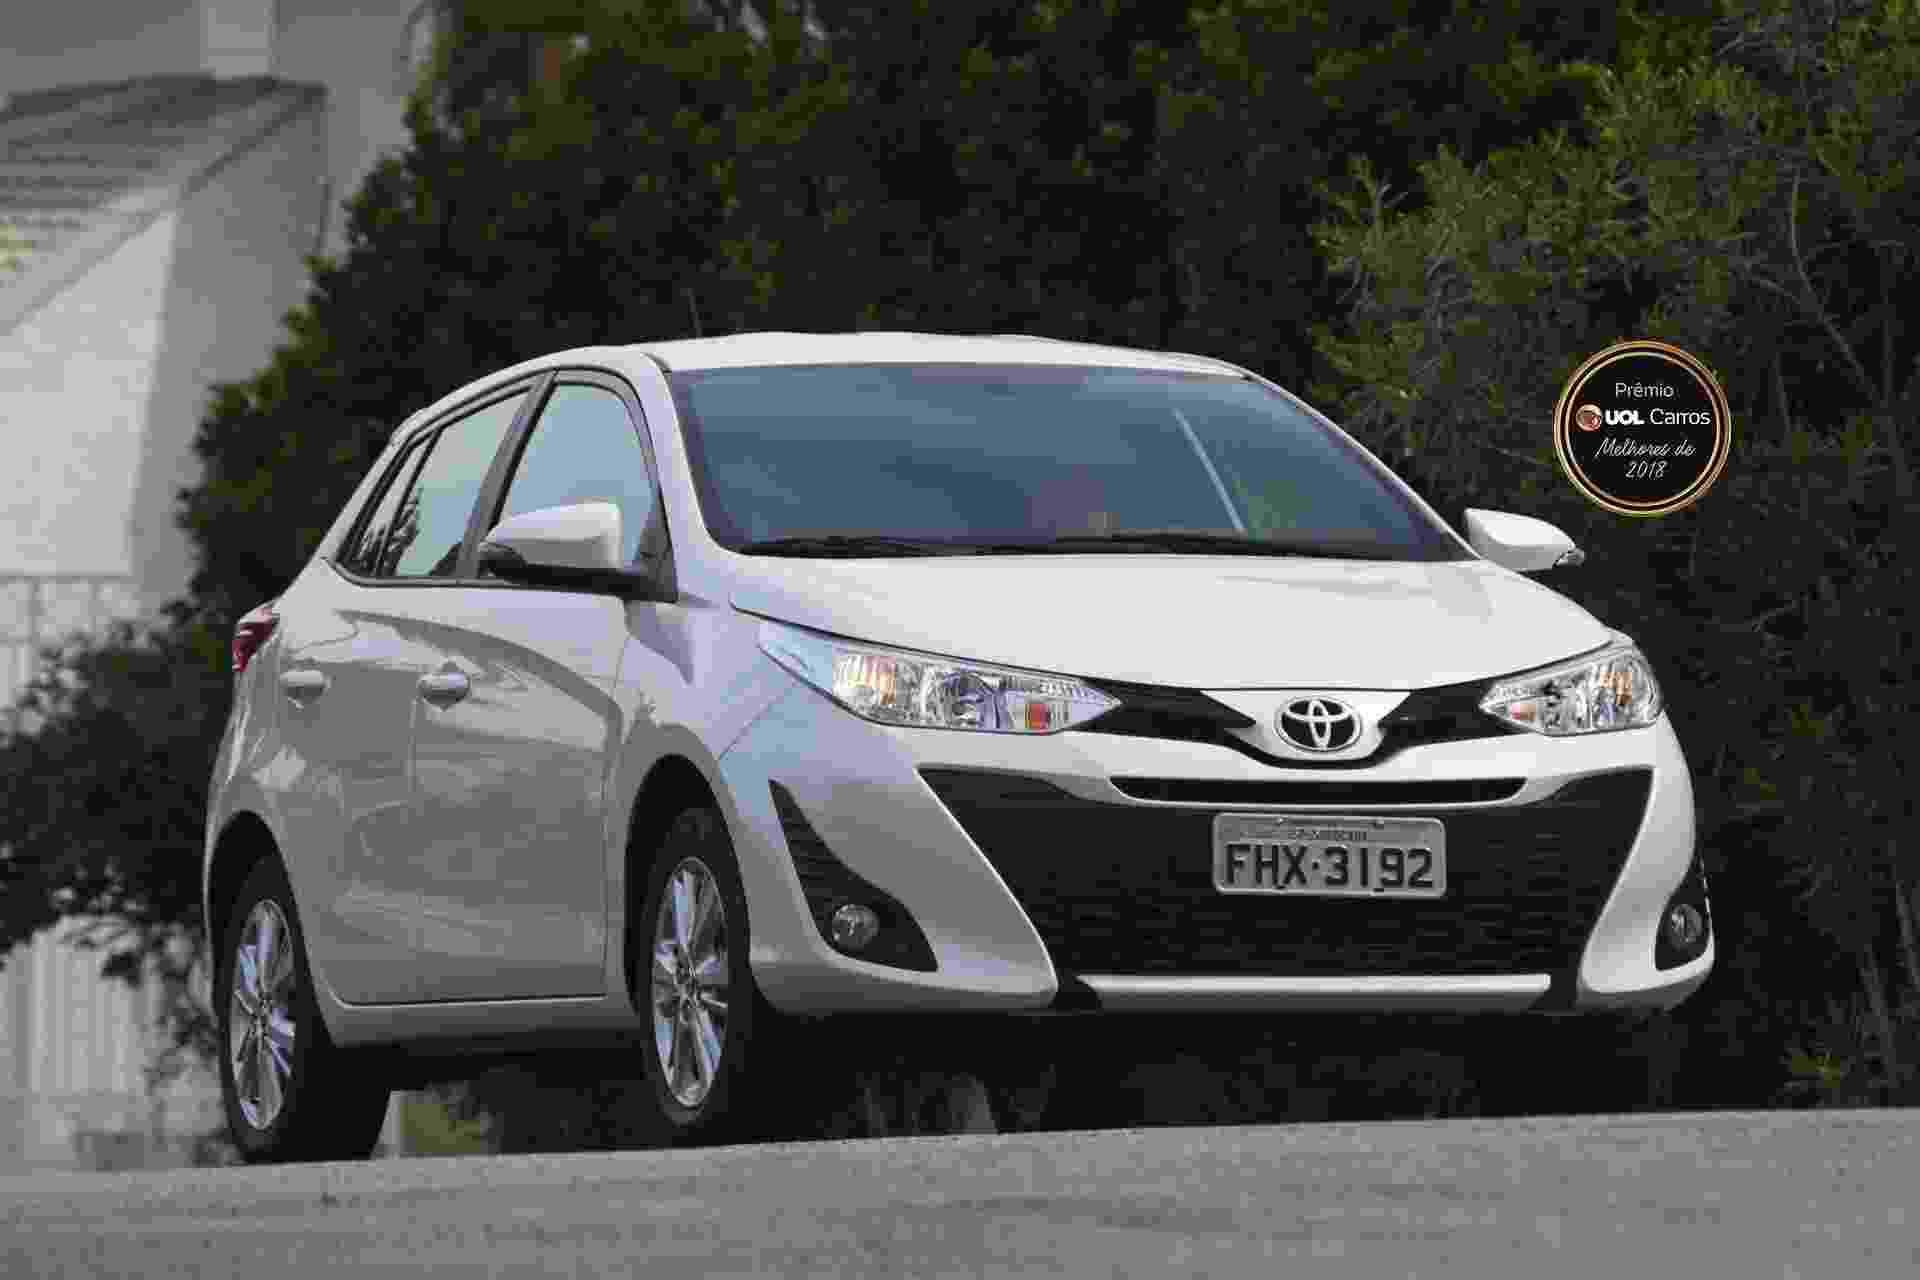 Toyota Yaris Prêmio - Murilo Góes/UOL